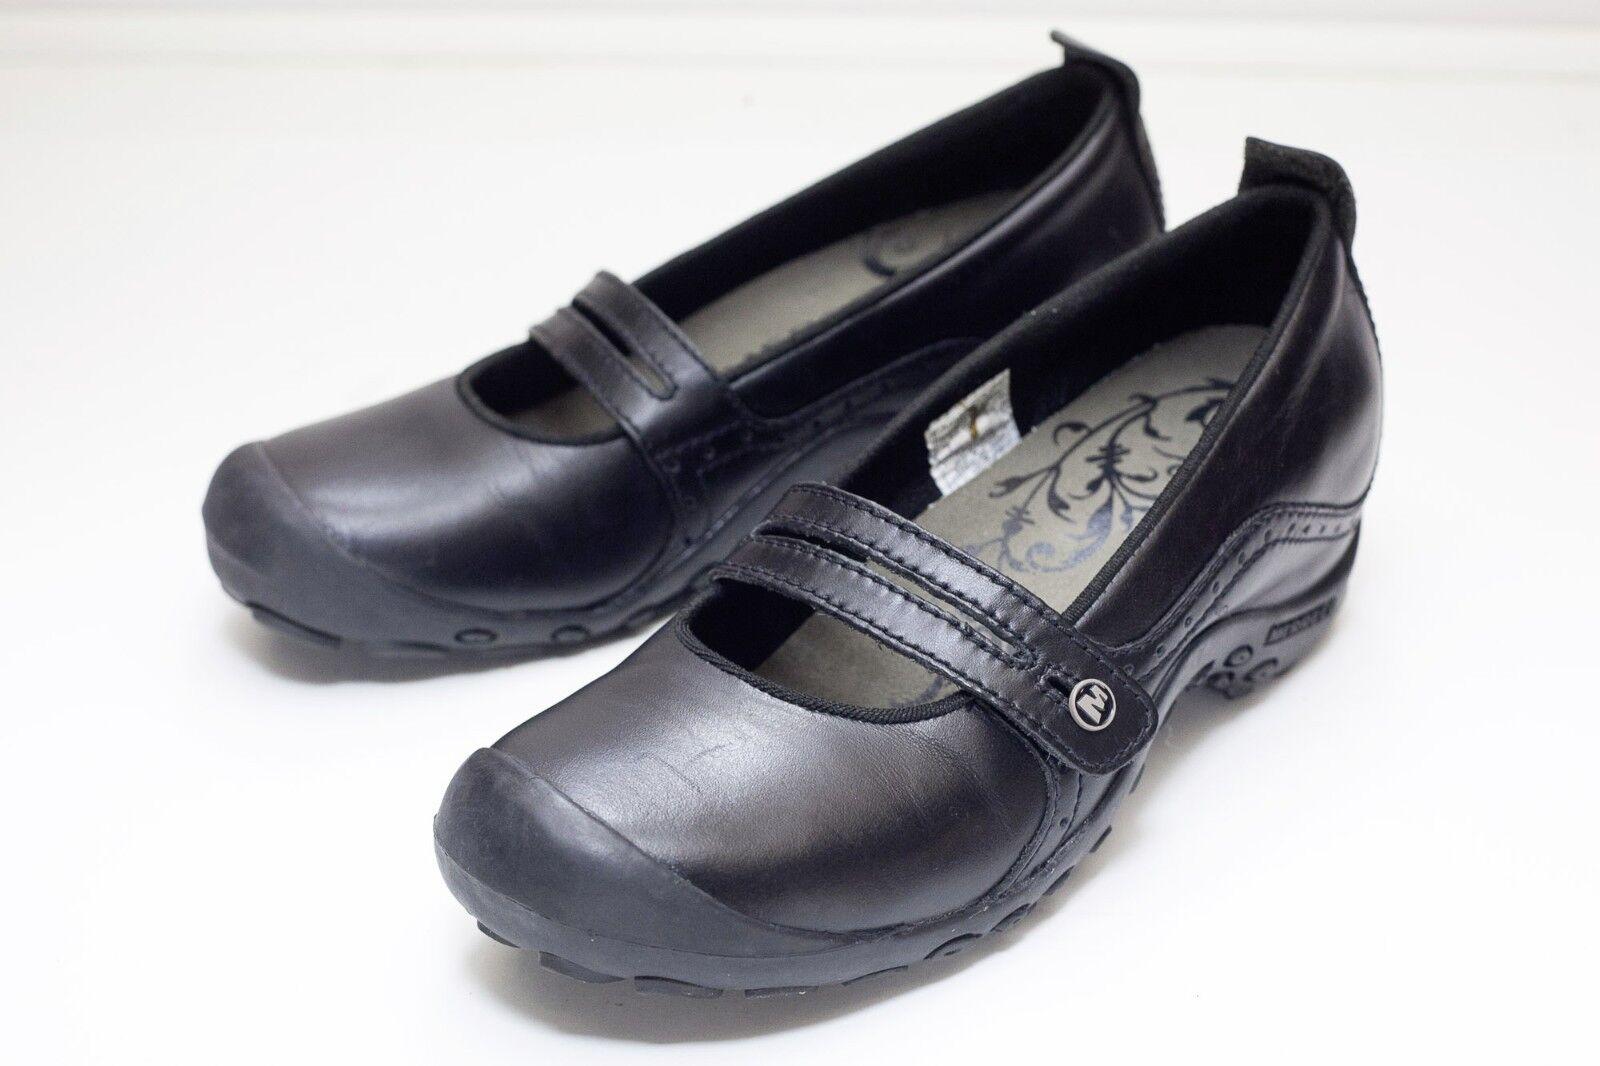 Merrell 7 Negro Zapatos Para Mujer Mary Mary Mary Jane  80% de descuento